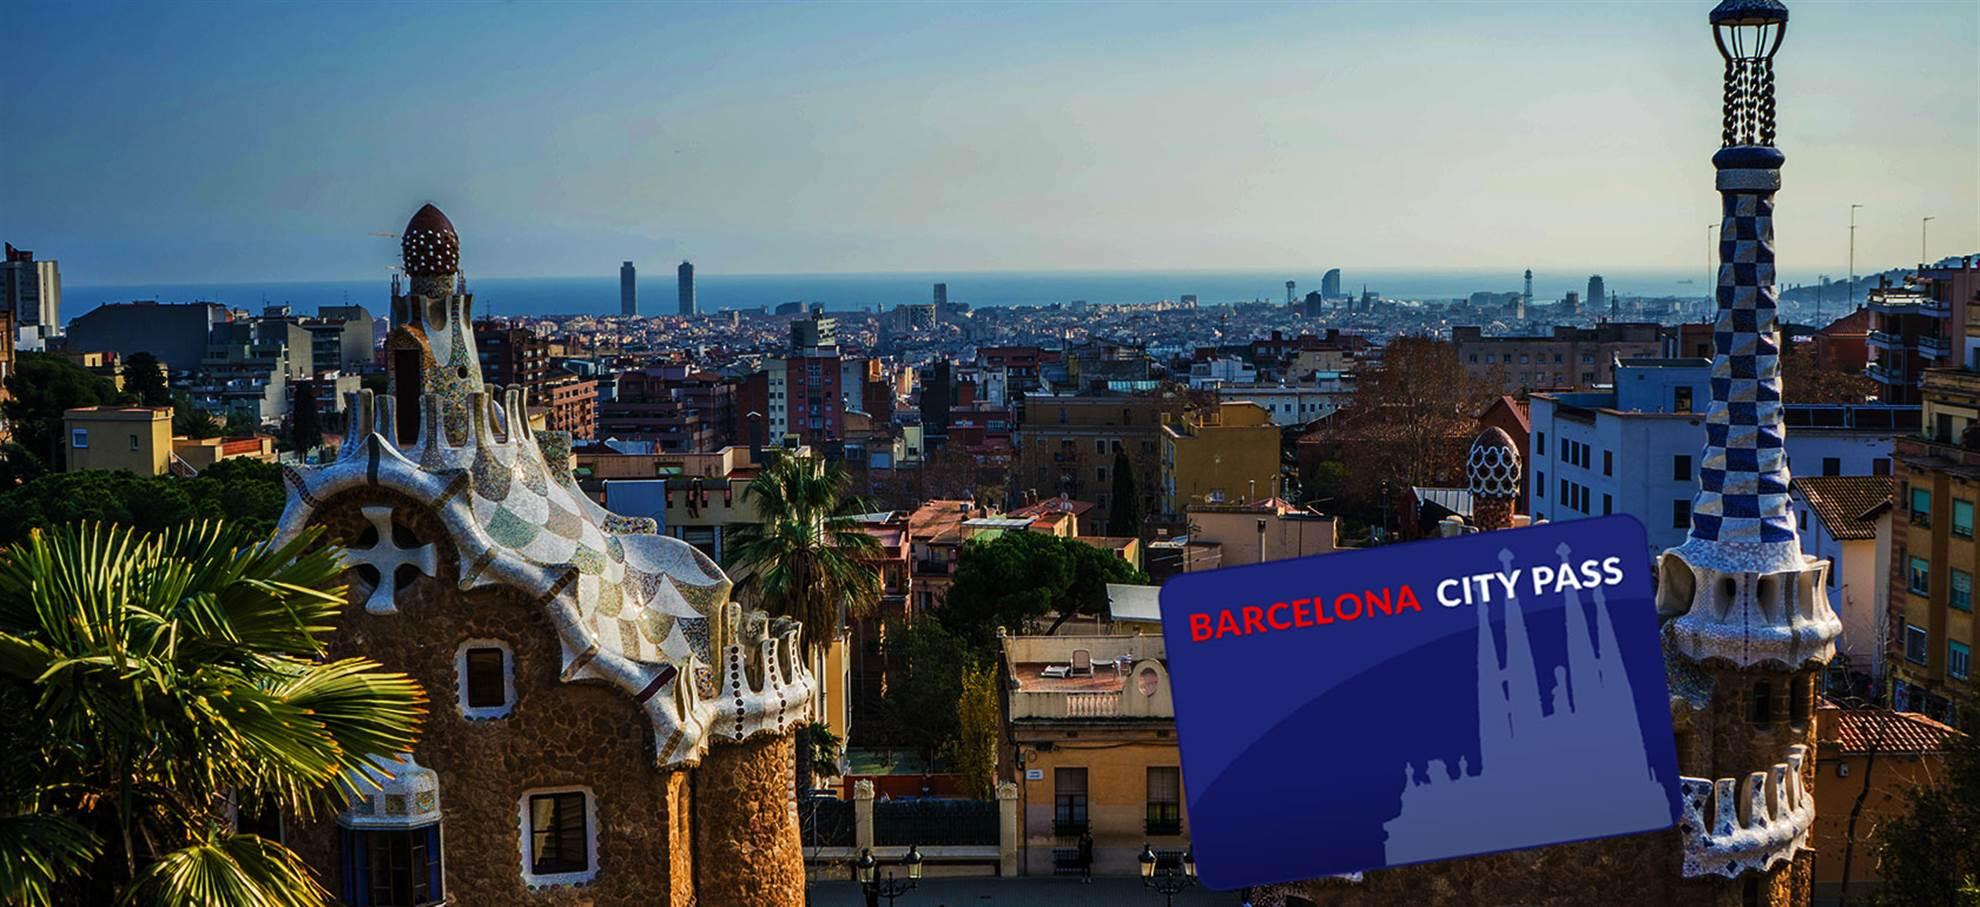 Barcelona City Pass (obejmuje wycieczkę z przewodnikiem do Sagrada Familia i bilety do Park Güe